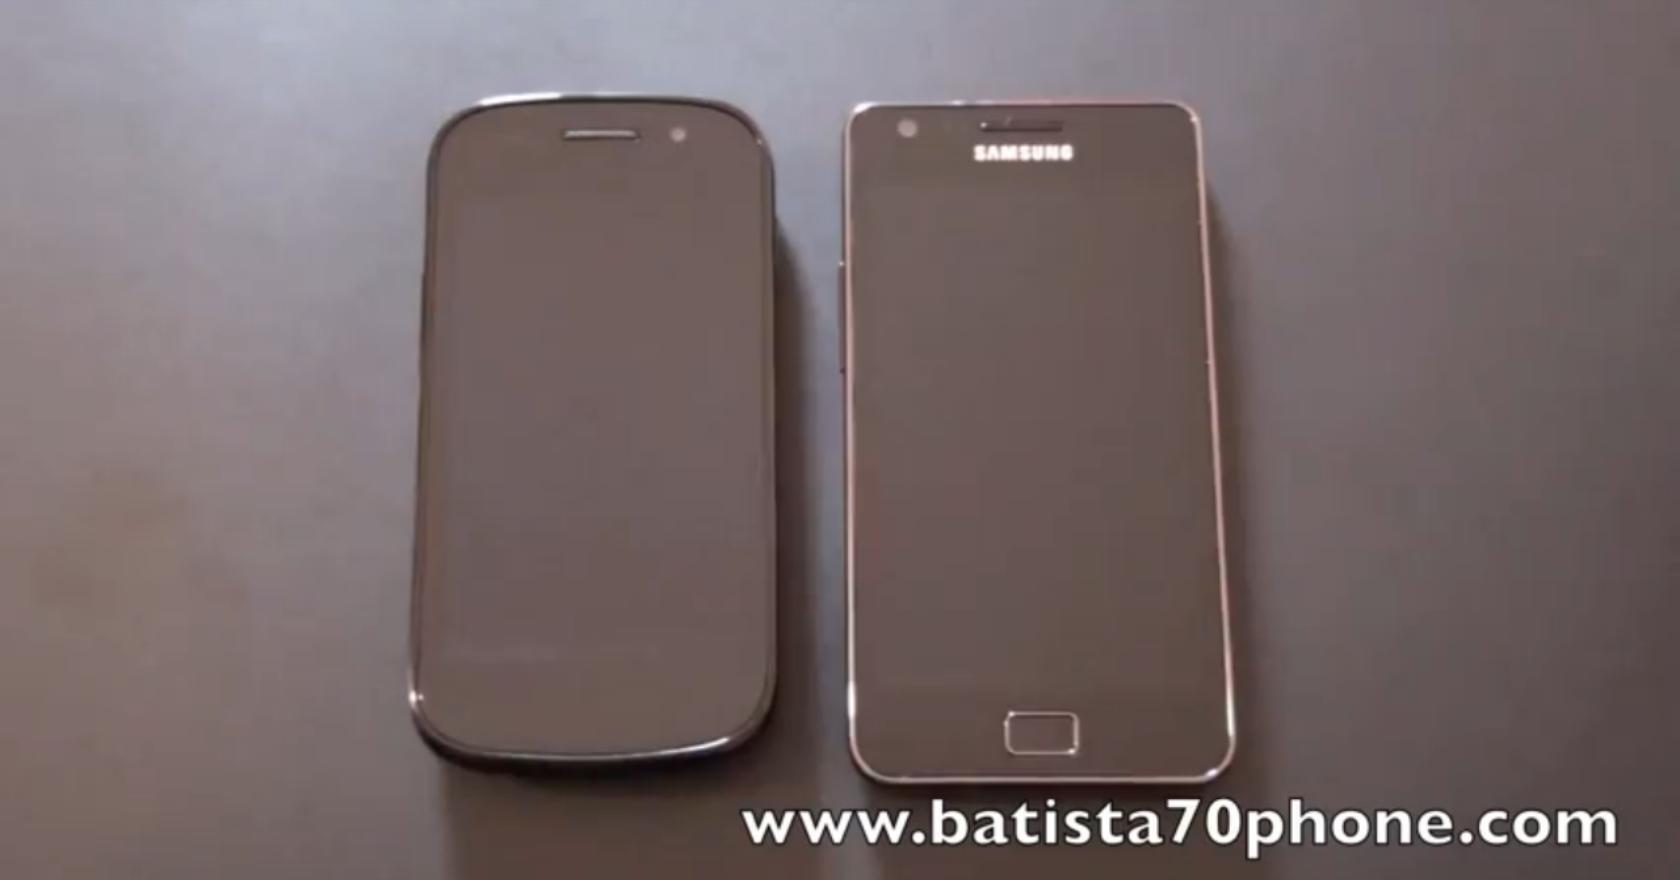 Samsung Galaxy S 2 e Nexus S: il videoconfronto